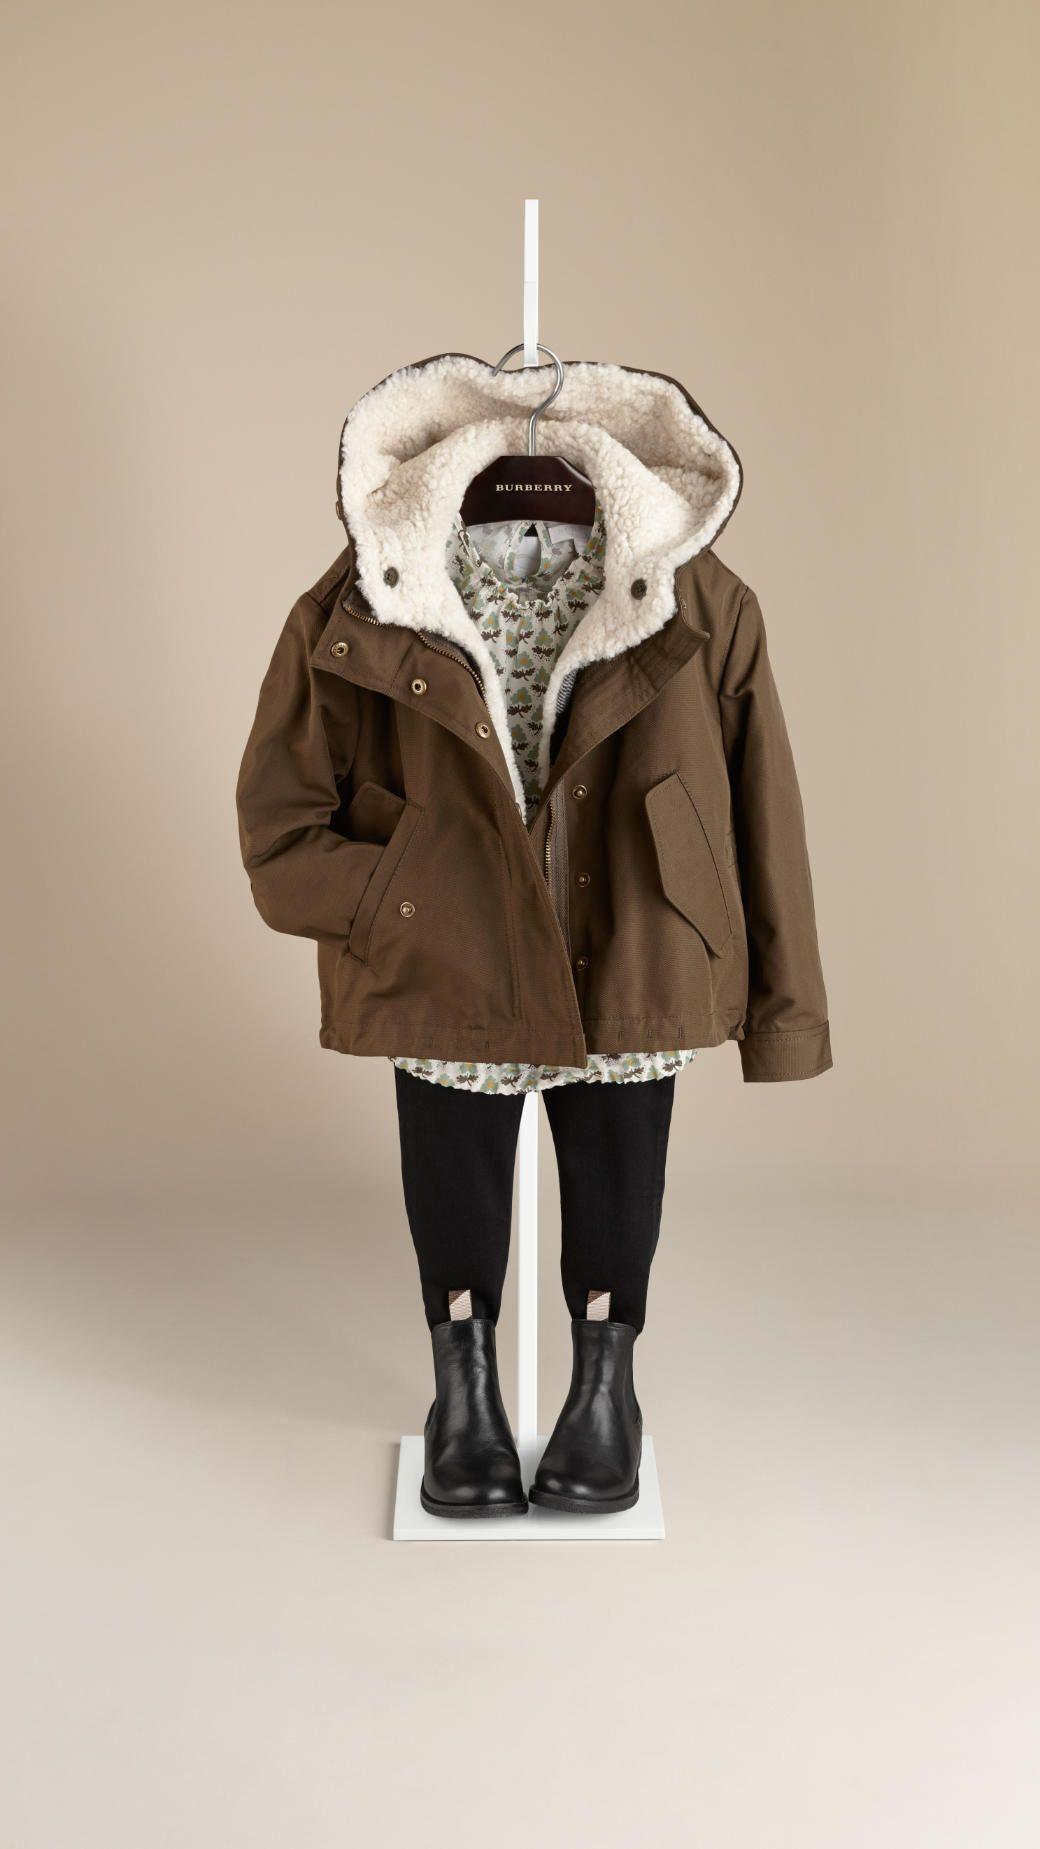 Vêtements et accessoires Fille   Burberry   Burberry shop, Children ... 10d6f2eacc1